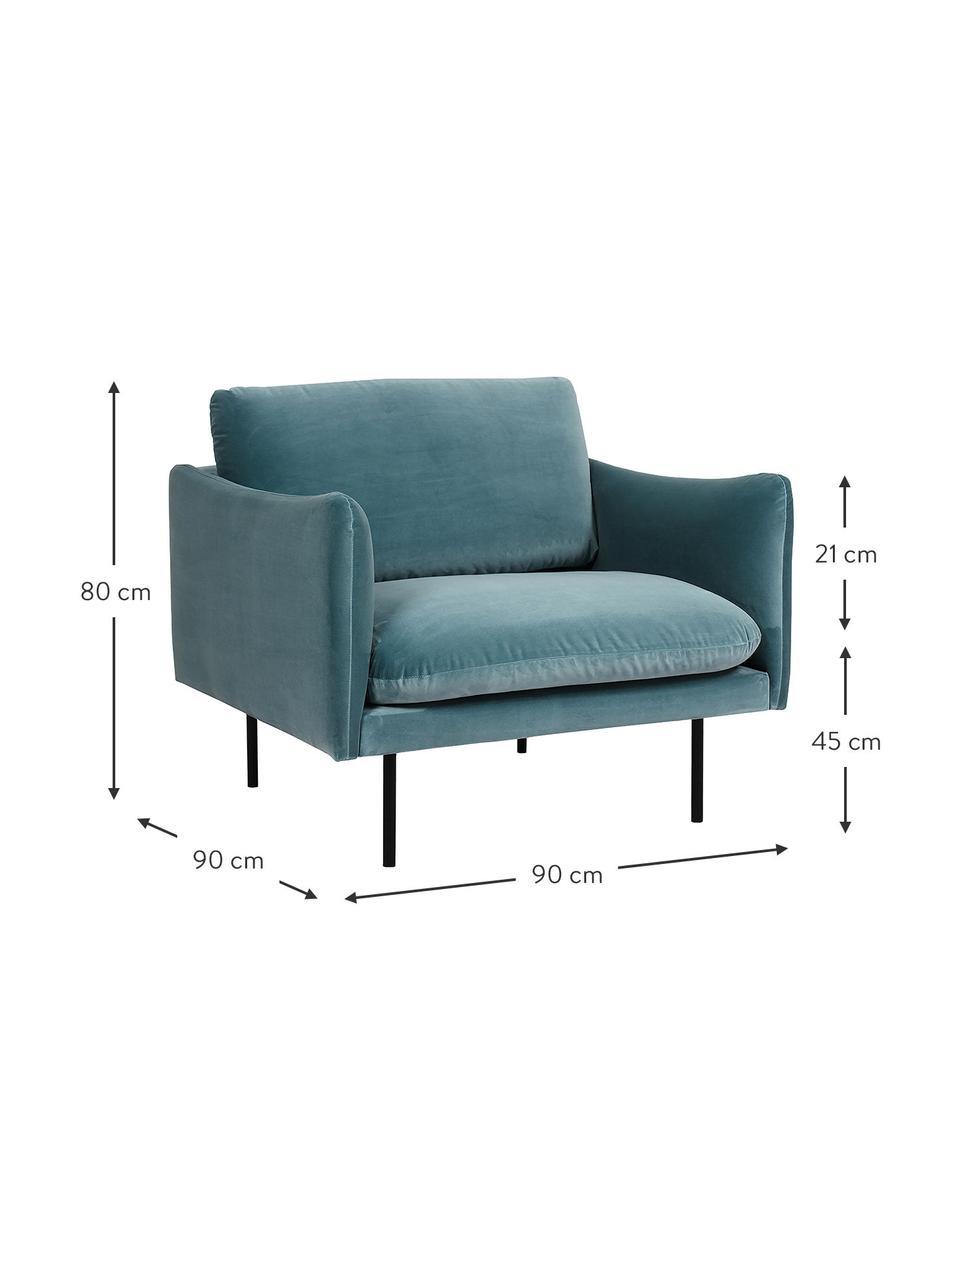 Fotel z aksamitu z metalowymi nogami Moby, Tapicerka: aksamit (wysokiej jakości, Stelaż: lite drewno sosnowe, Nogi: metal malowany proszkowo, Aksamitny turkusowy, S 90 x G 90 cm